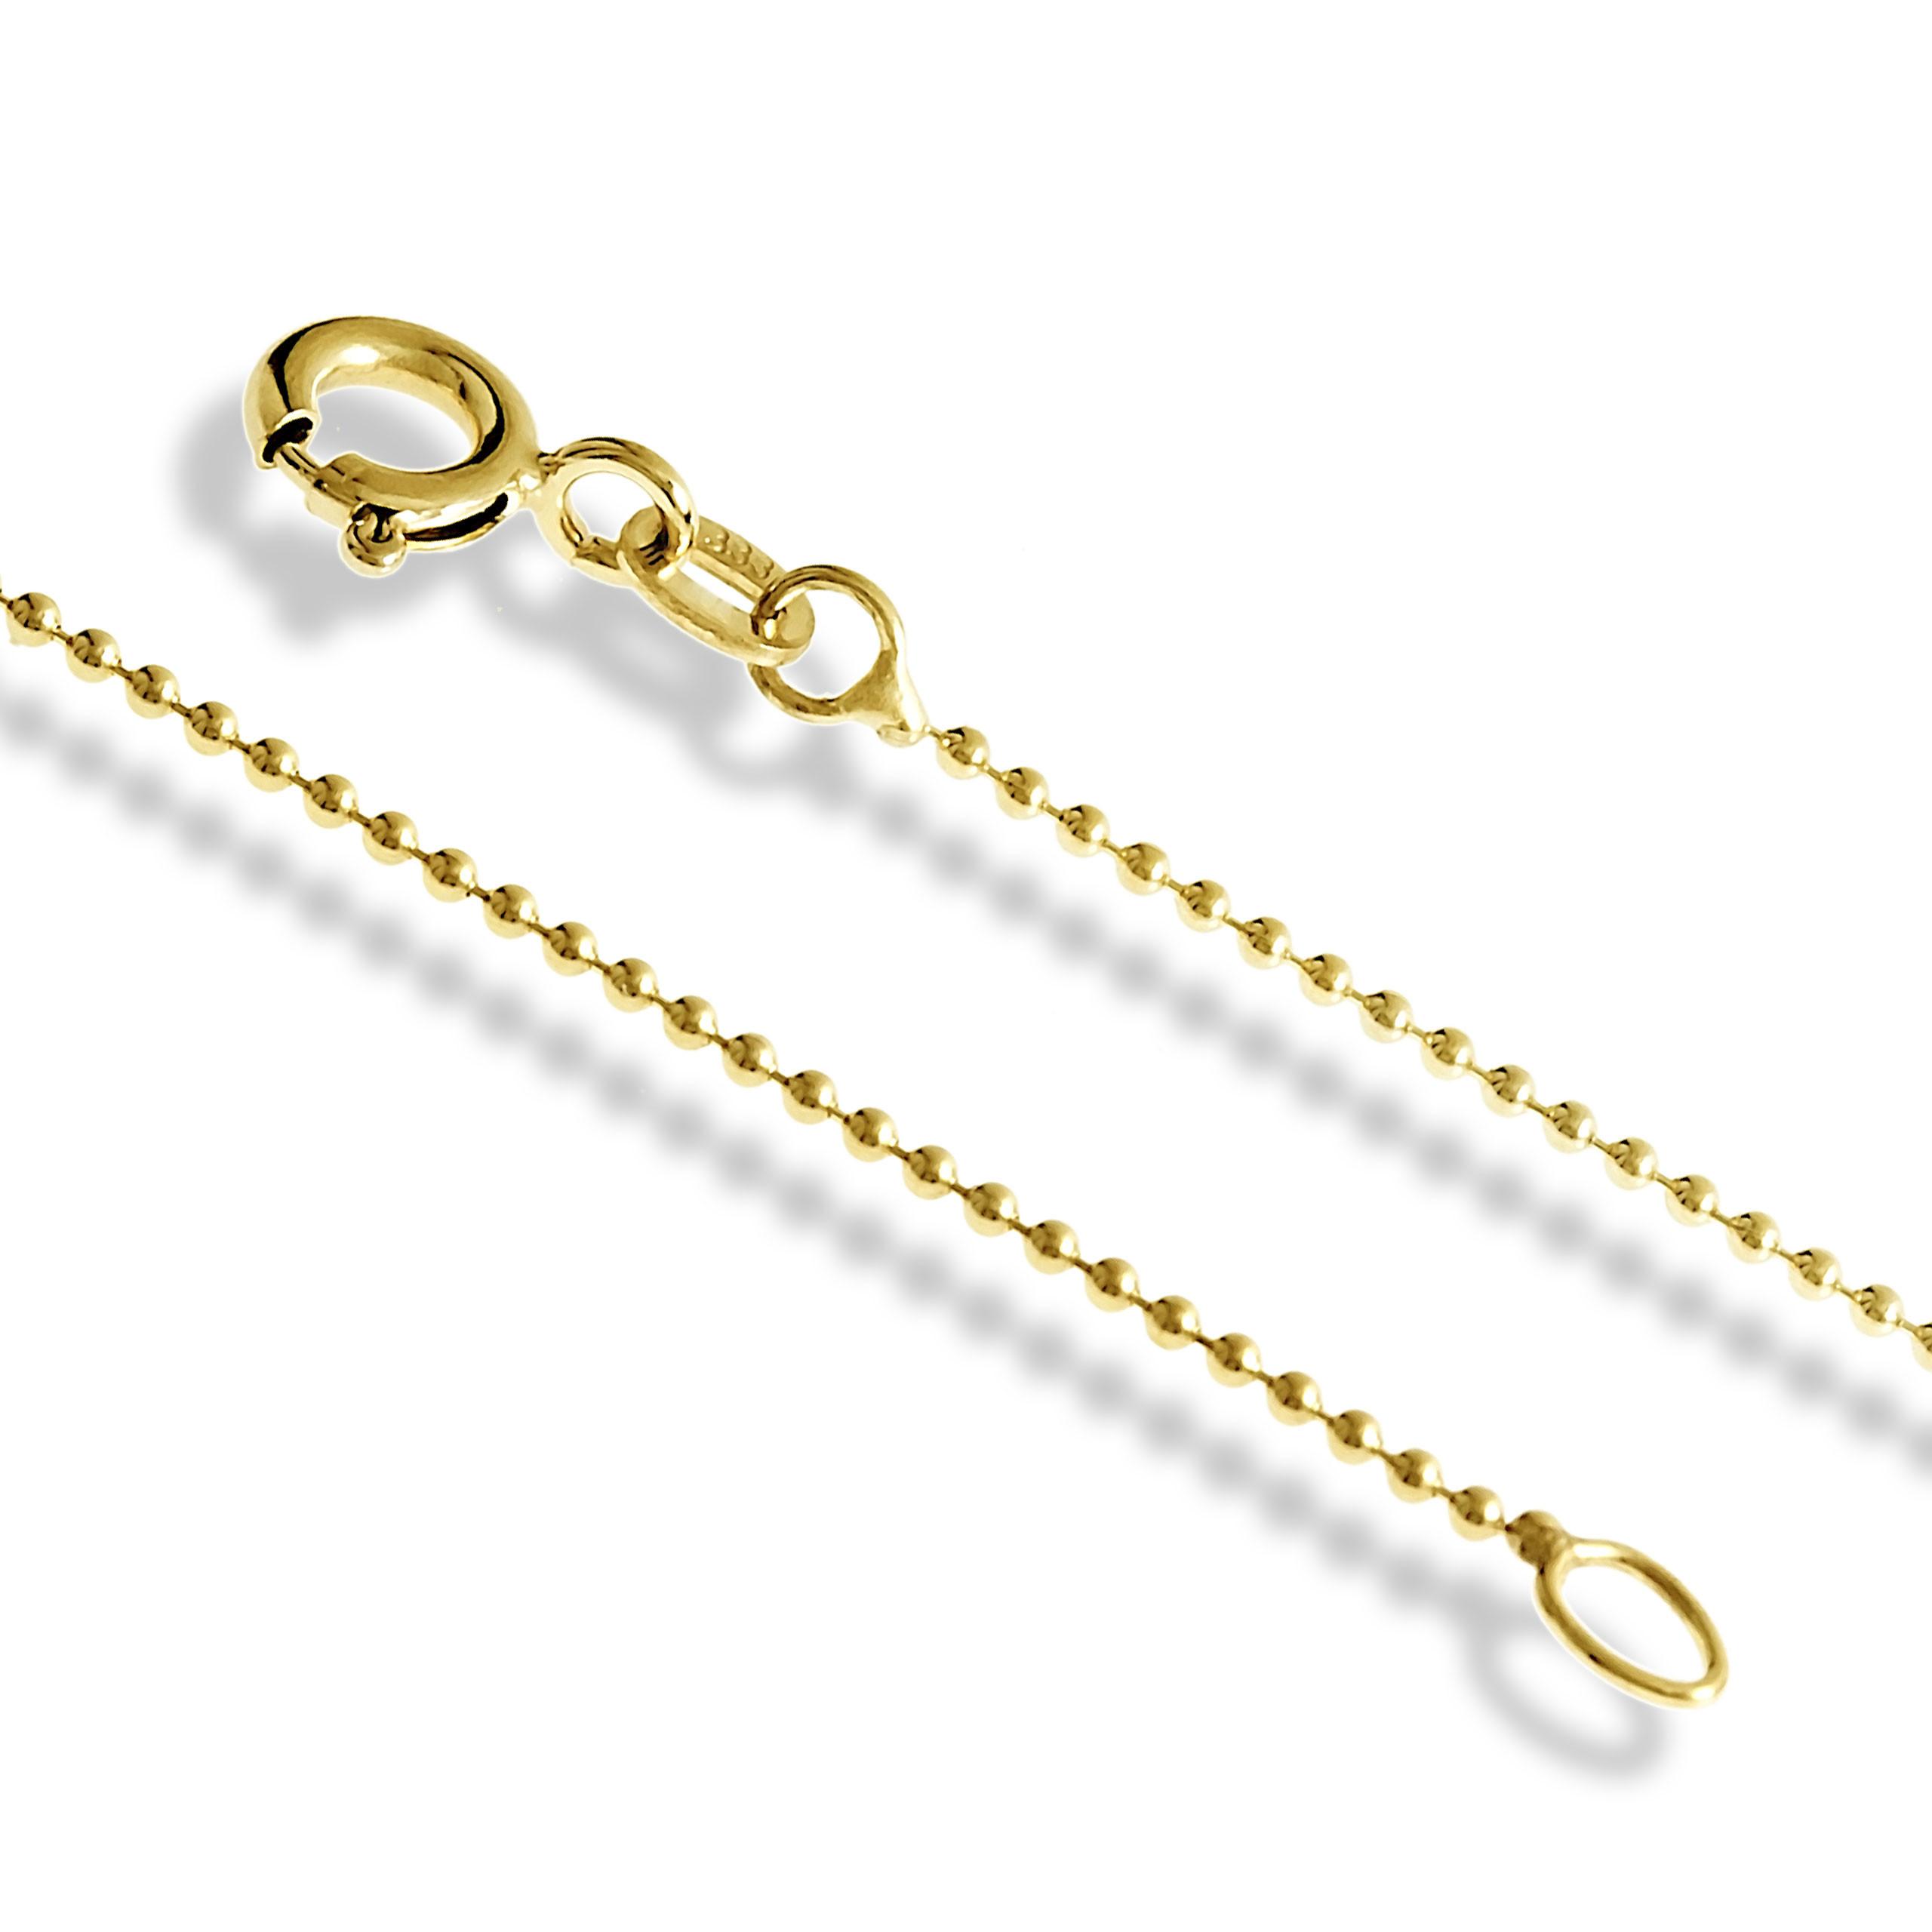 echt goldkette 333 kugelkette oder goldarmband 19 21 40 42 45 50 55 60 cm ebay. Black Bedroom Furniture Sets. Home Design Ideas